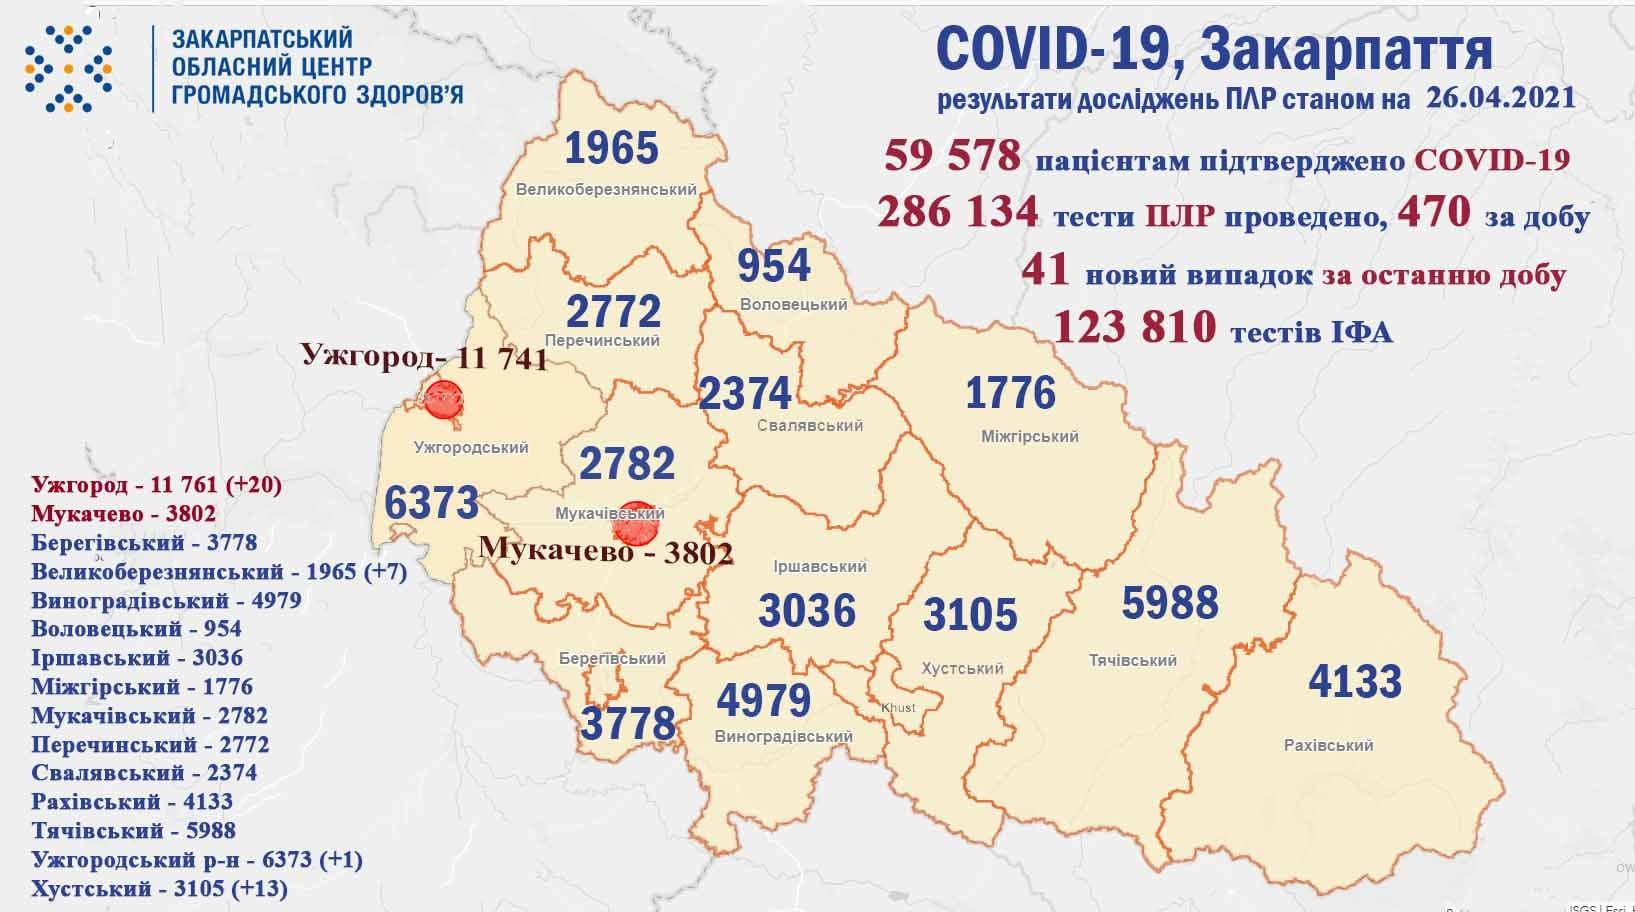 Протягом доби на Закарпатті виявлено 41 випадок COVID-19